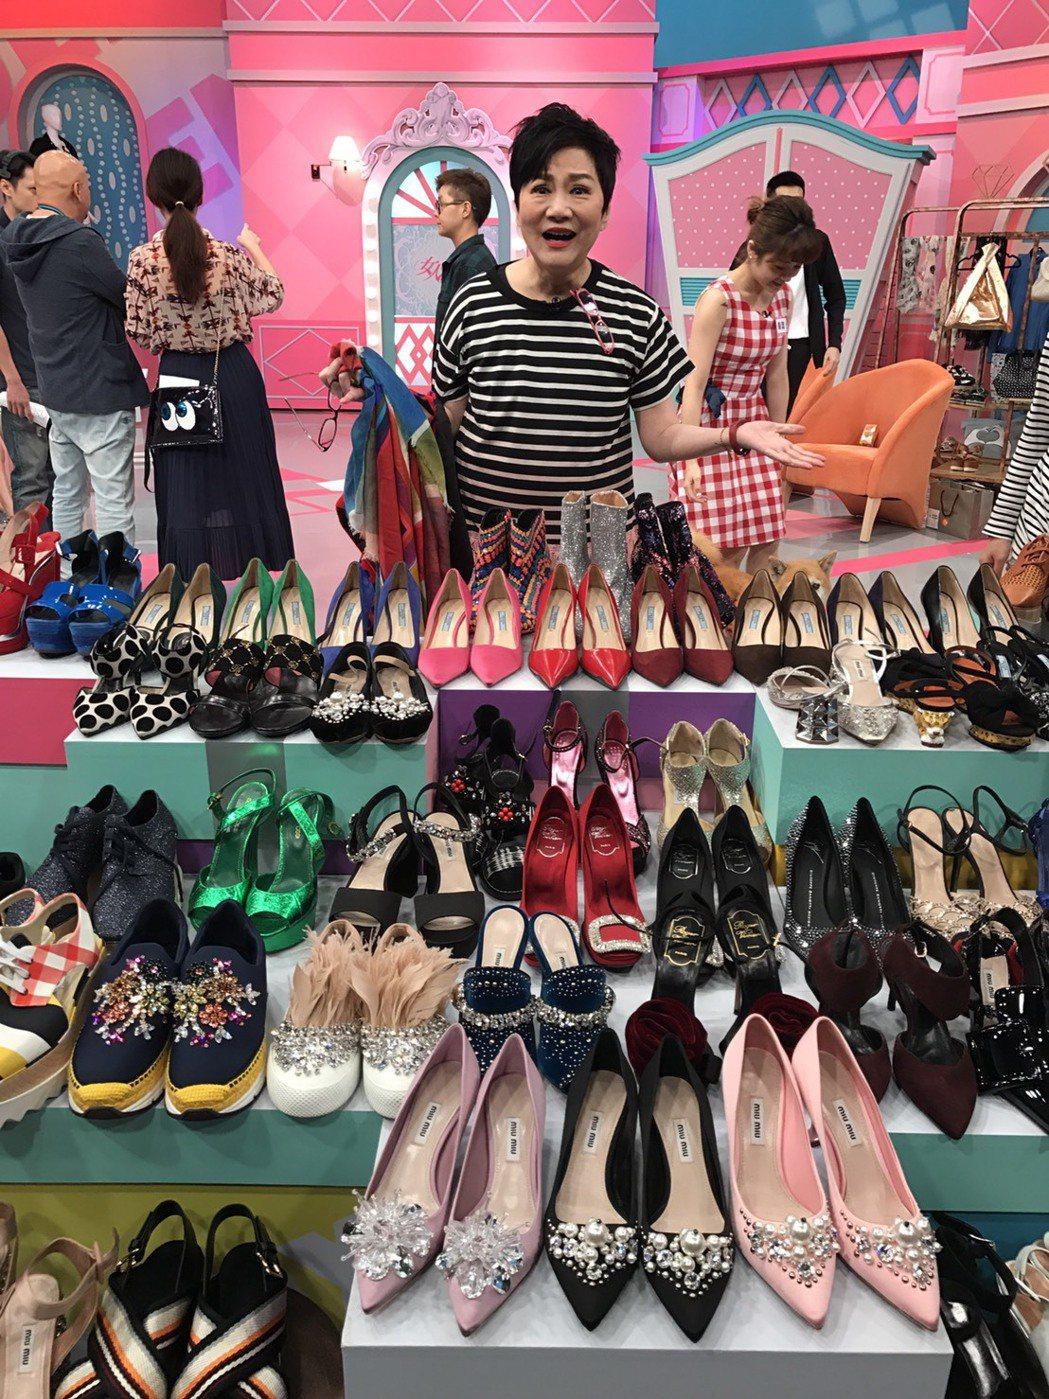 張小燕的鞋款超多,現場帶進棚就超過70雙。記者葉君遠/攝影